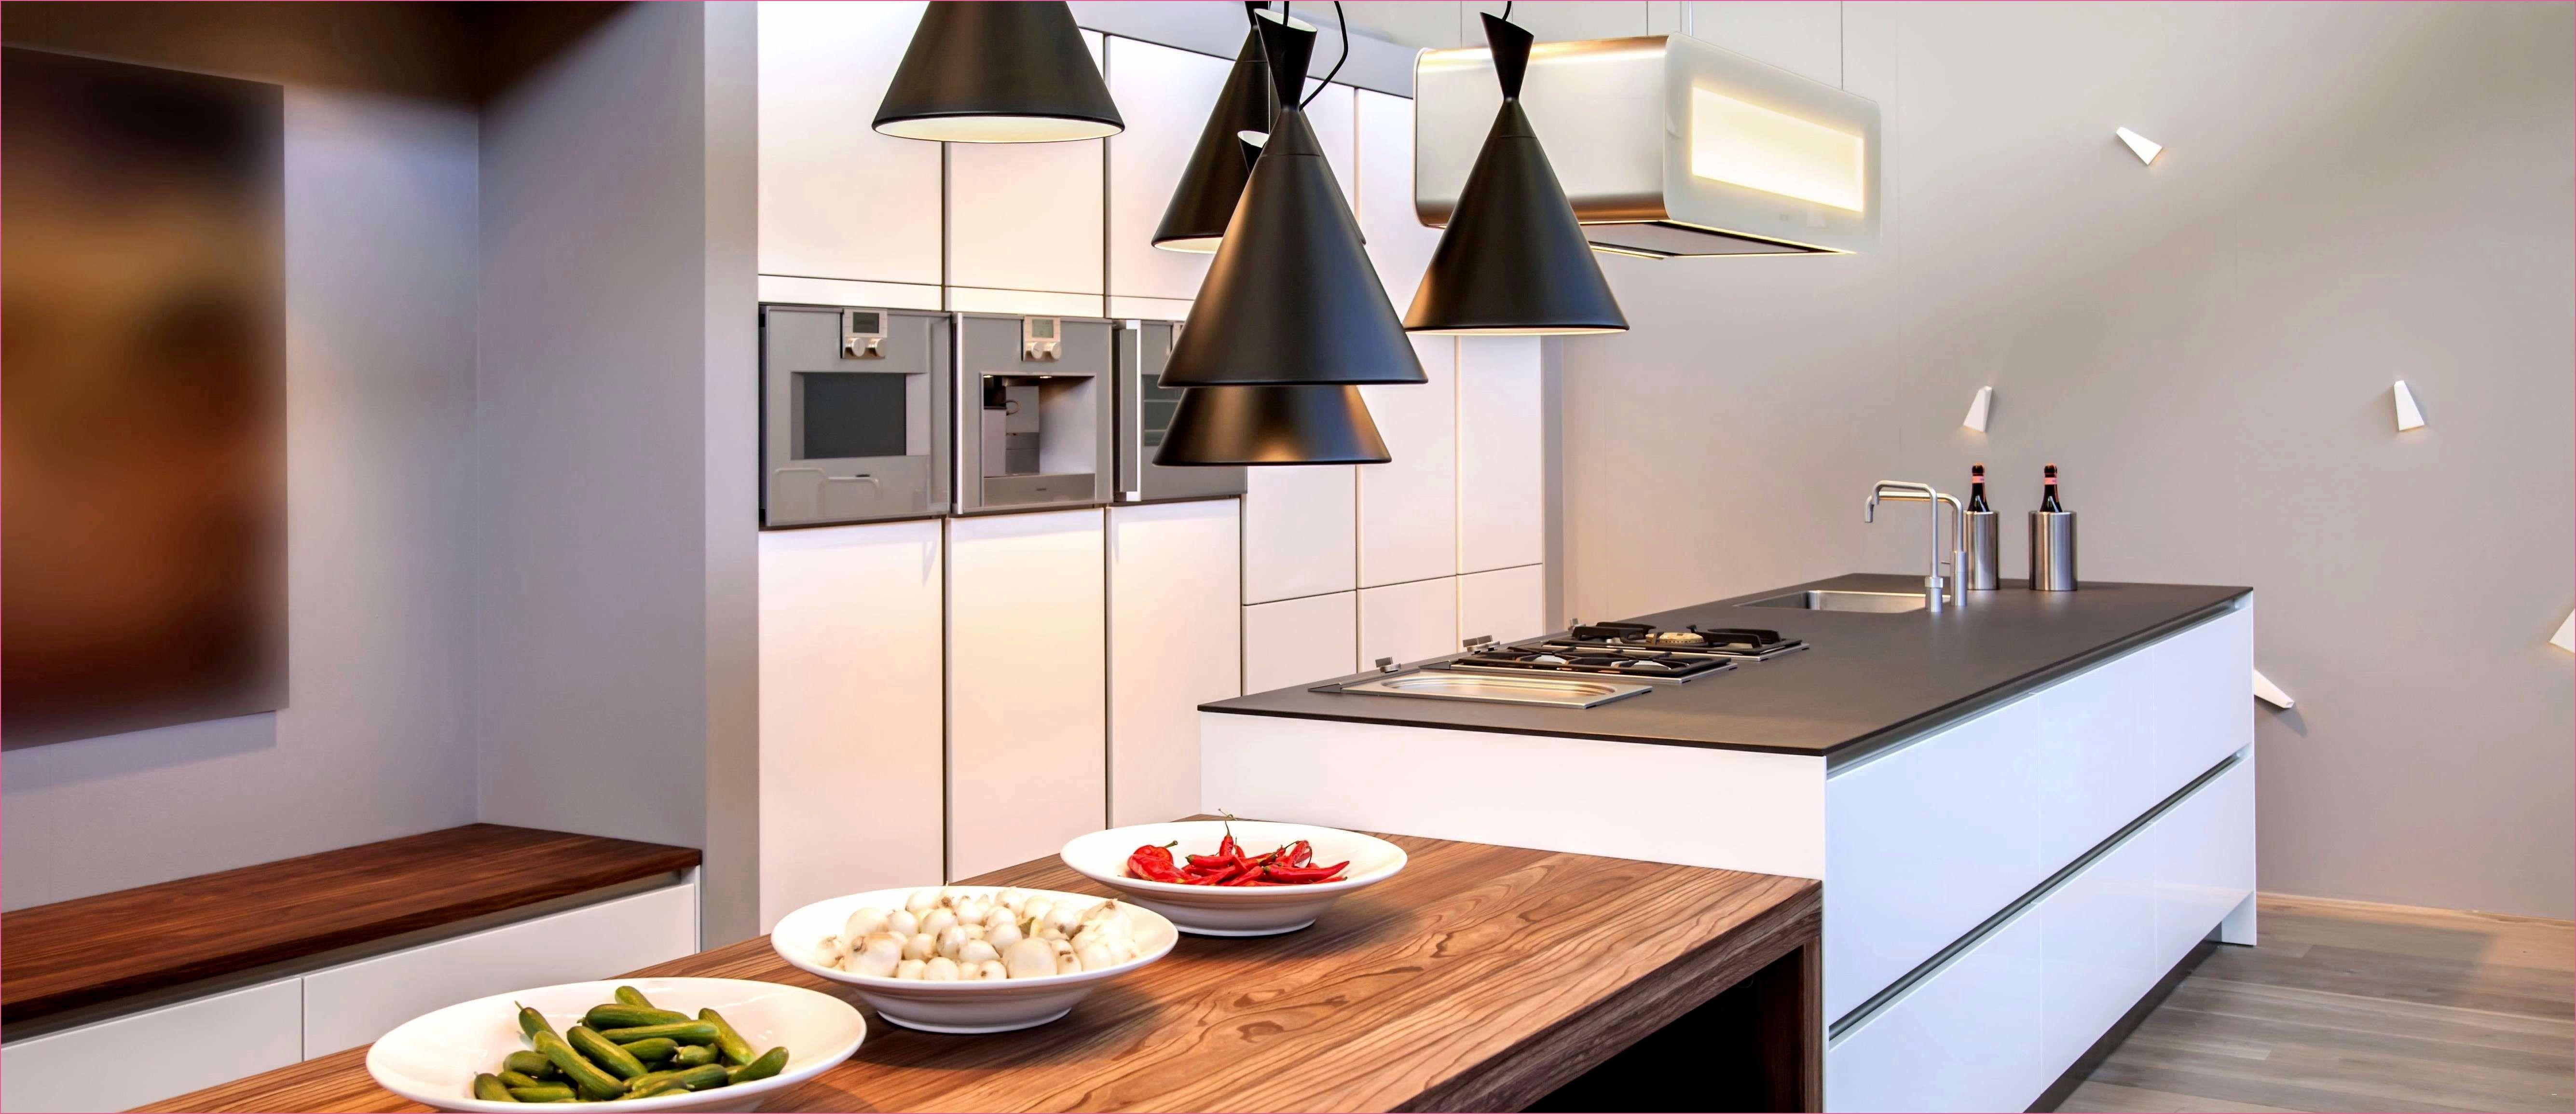 Genial Wandtattoo Spruche Kuche In 2020 Esszimmer Beleuchtung Wohnung Kuche Kuchendekoration